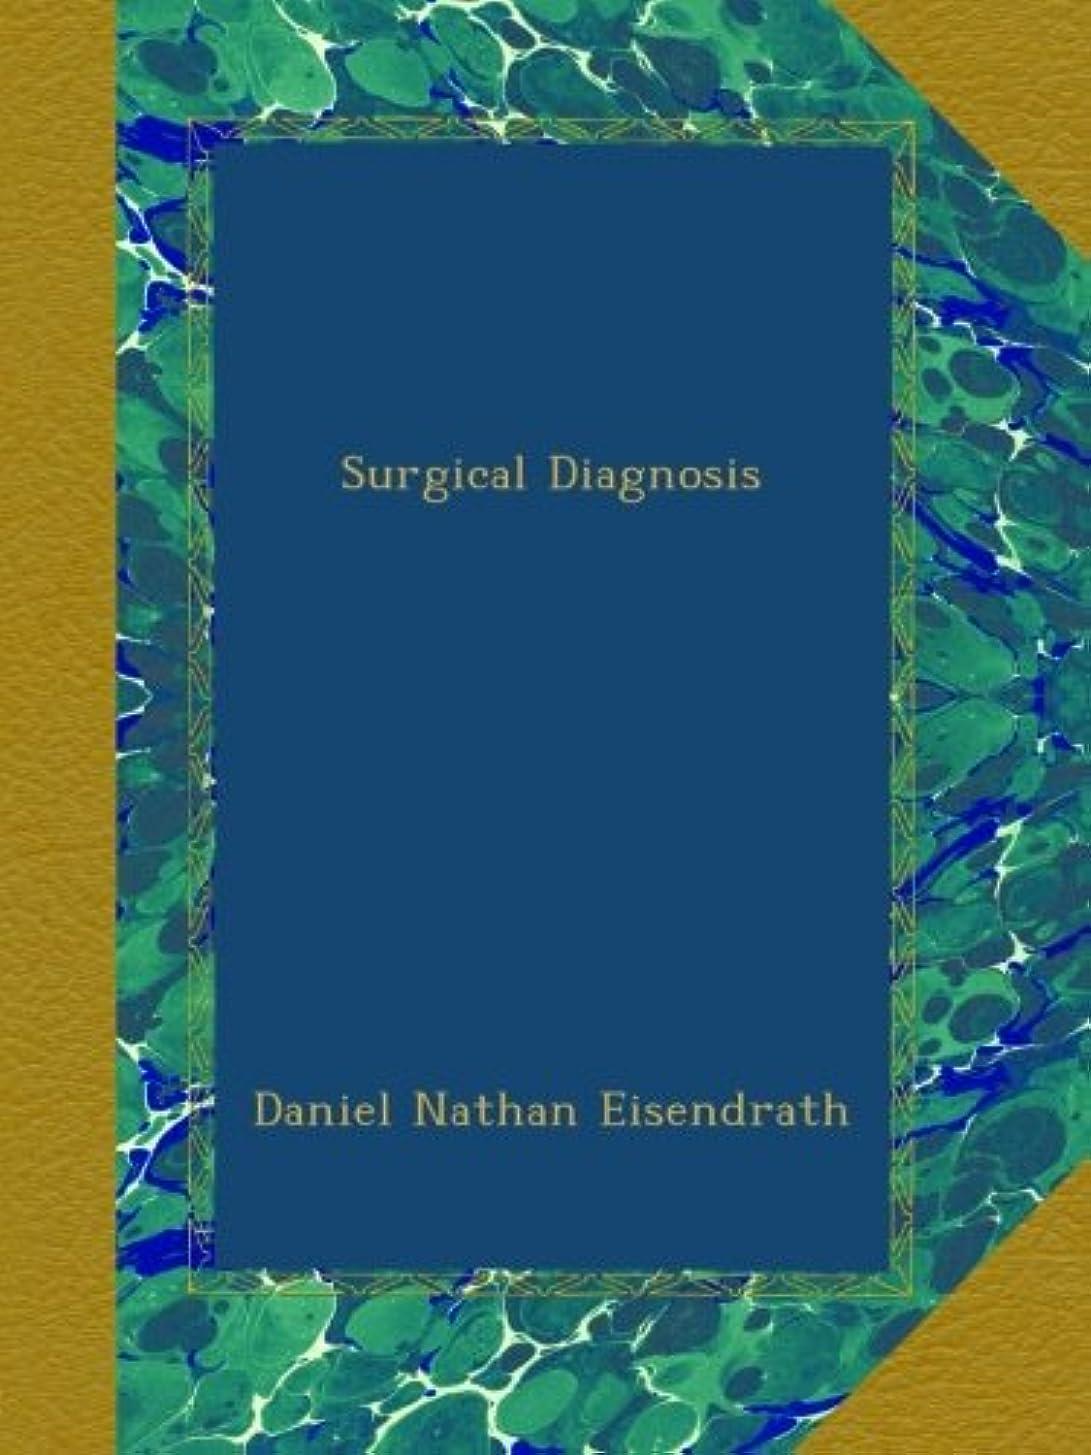 エキゾチック損失ネクタイSurgical Diagnosis